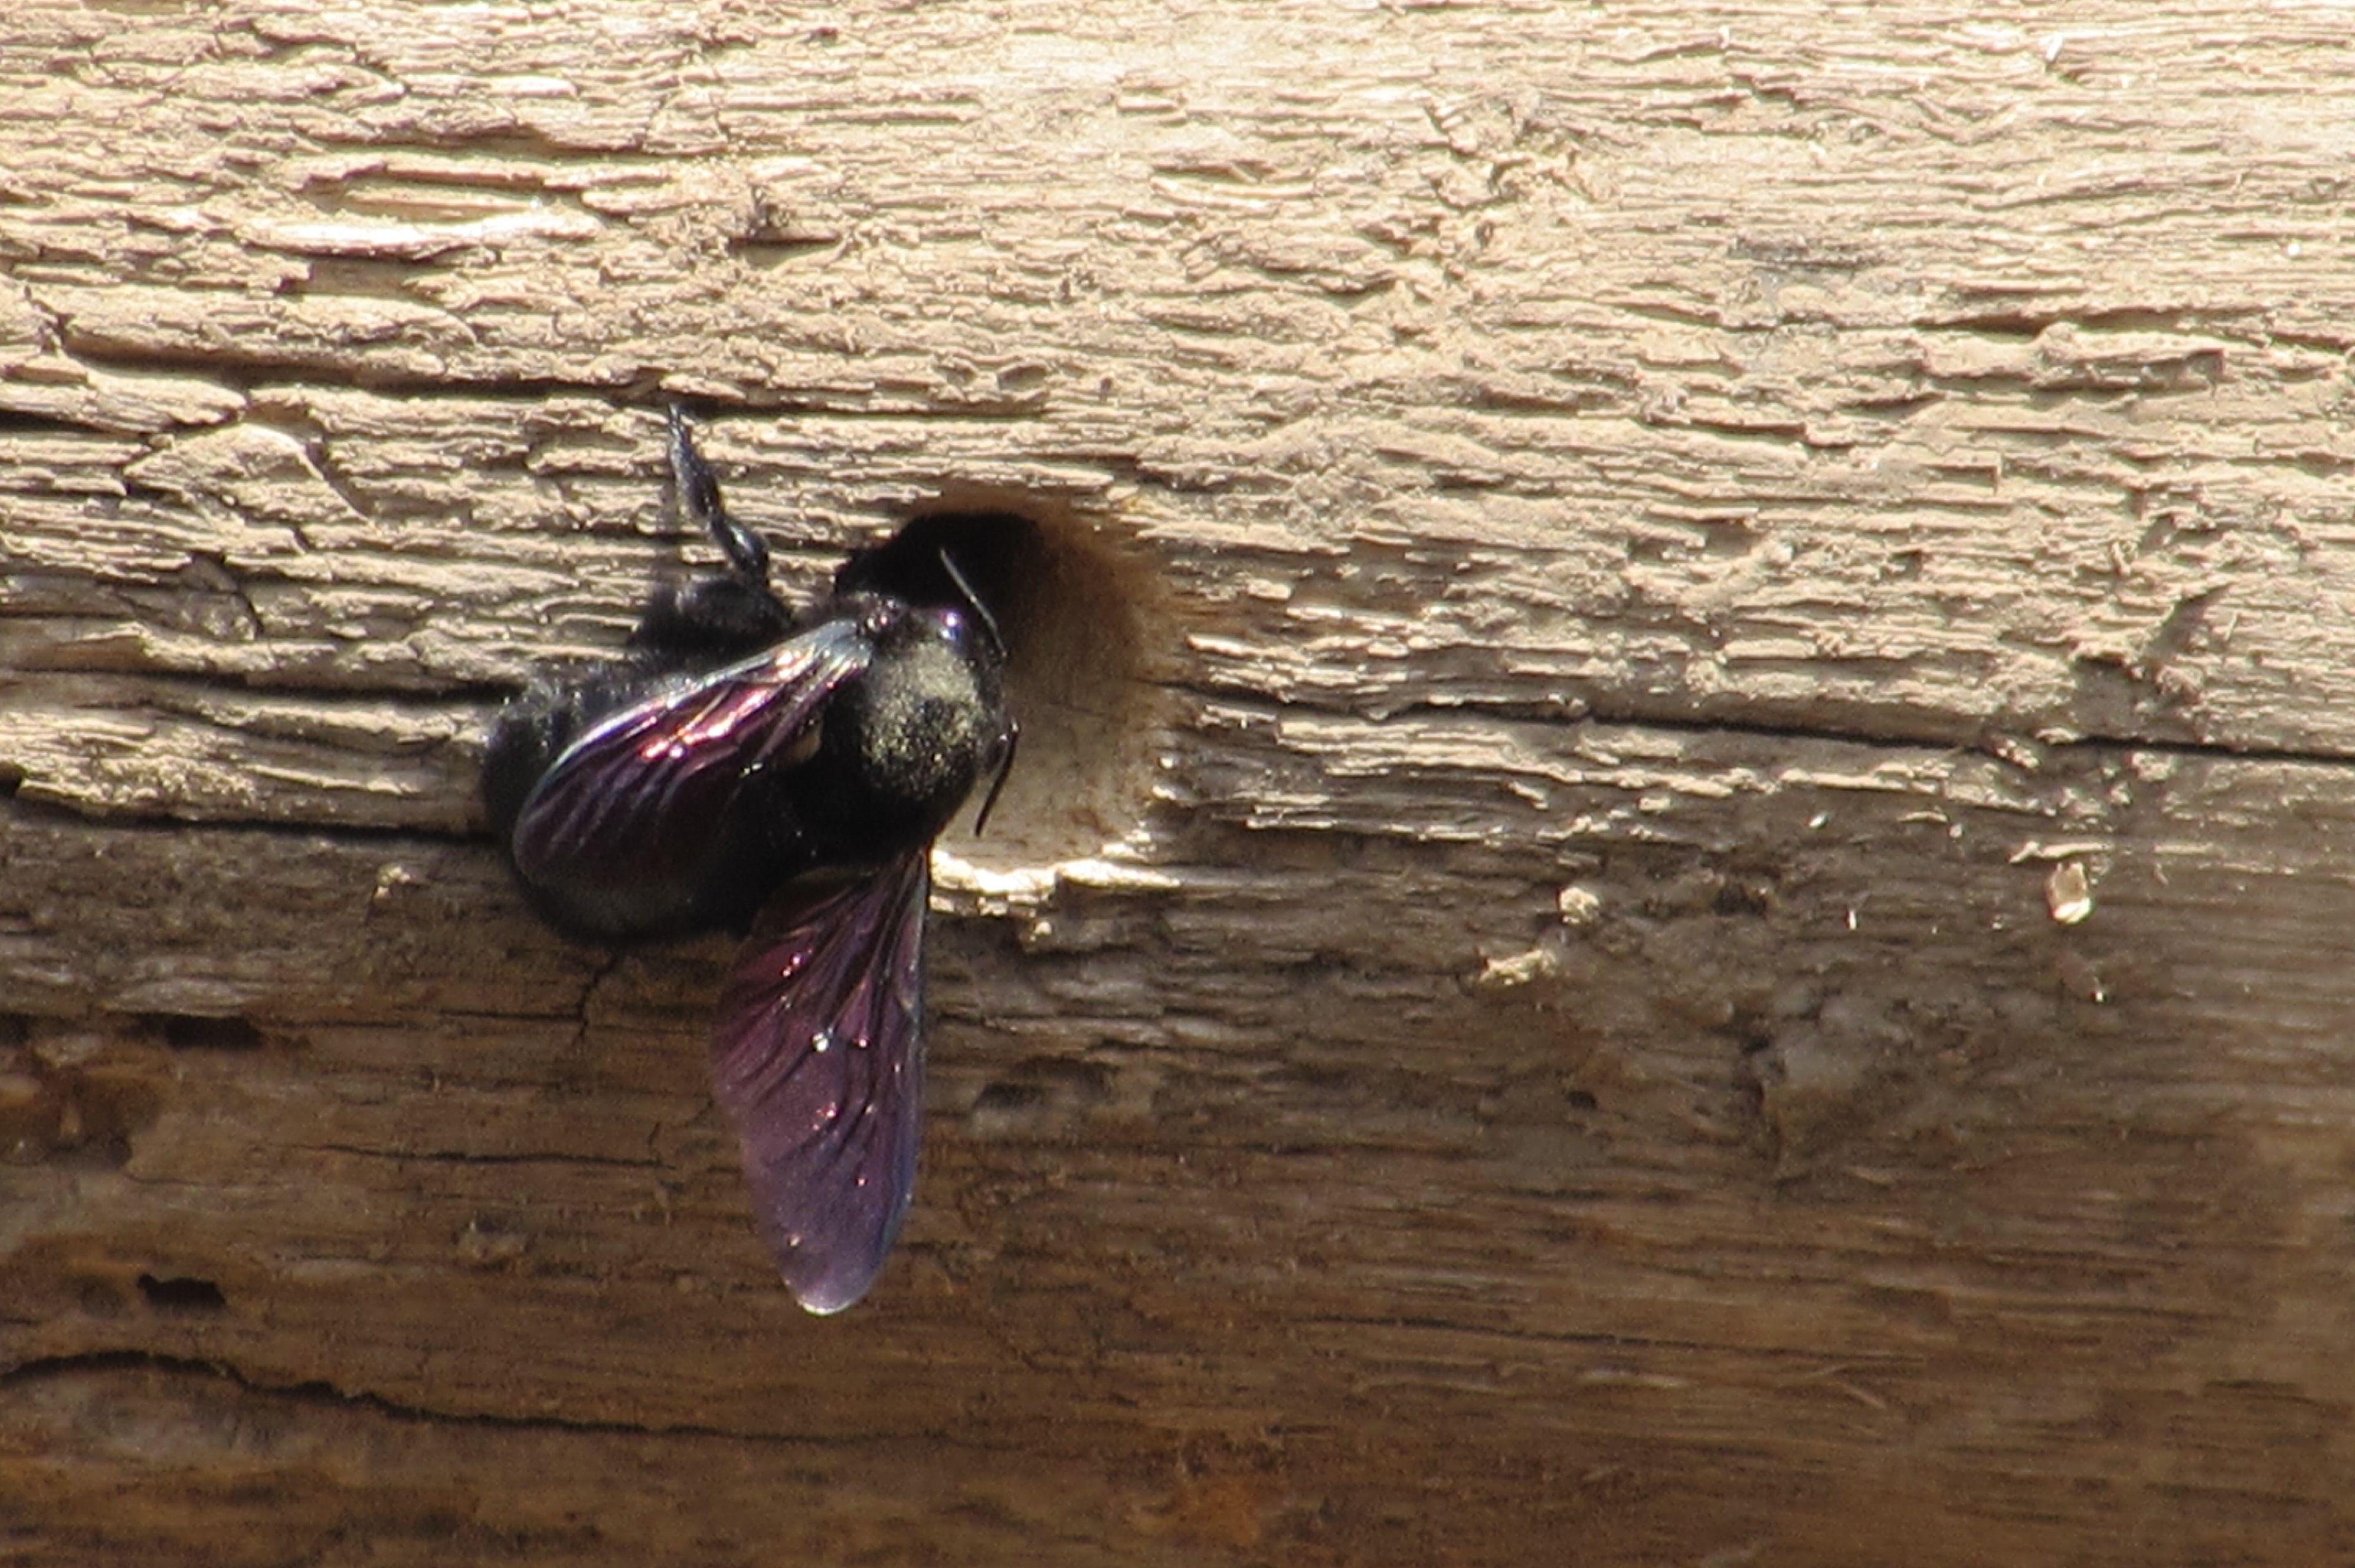 Un insecto cavando en una viga de madera!!! muy buena toma!!!